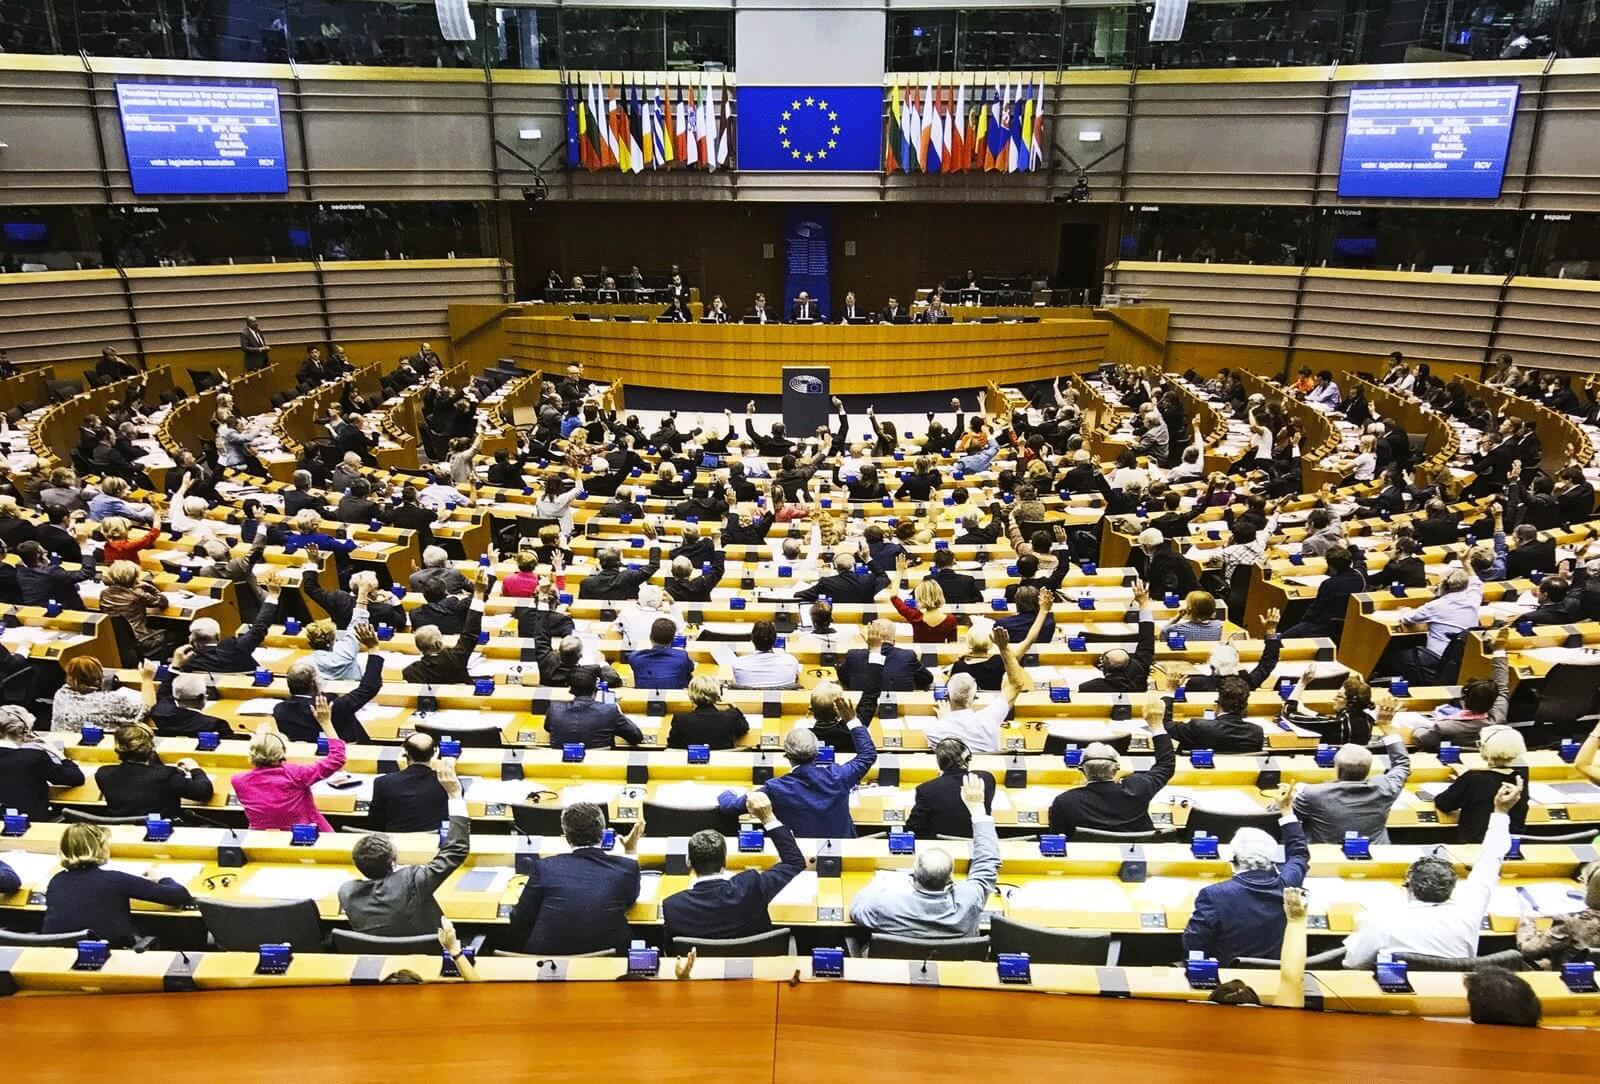 Пленарное заседание Европейского Парламента